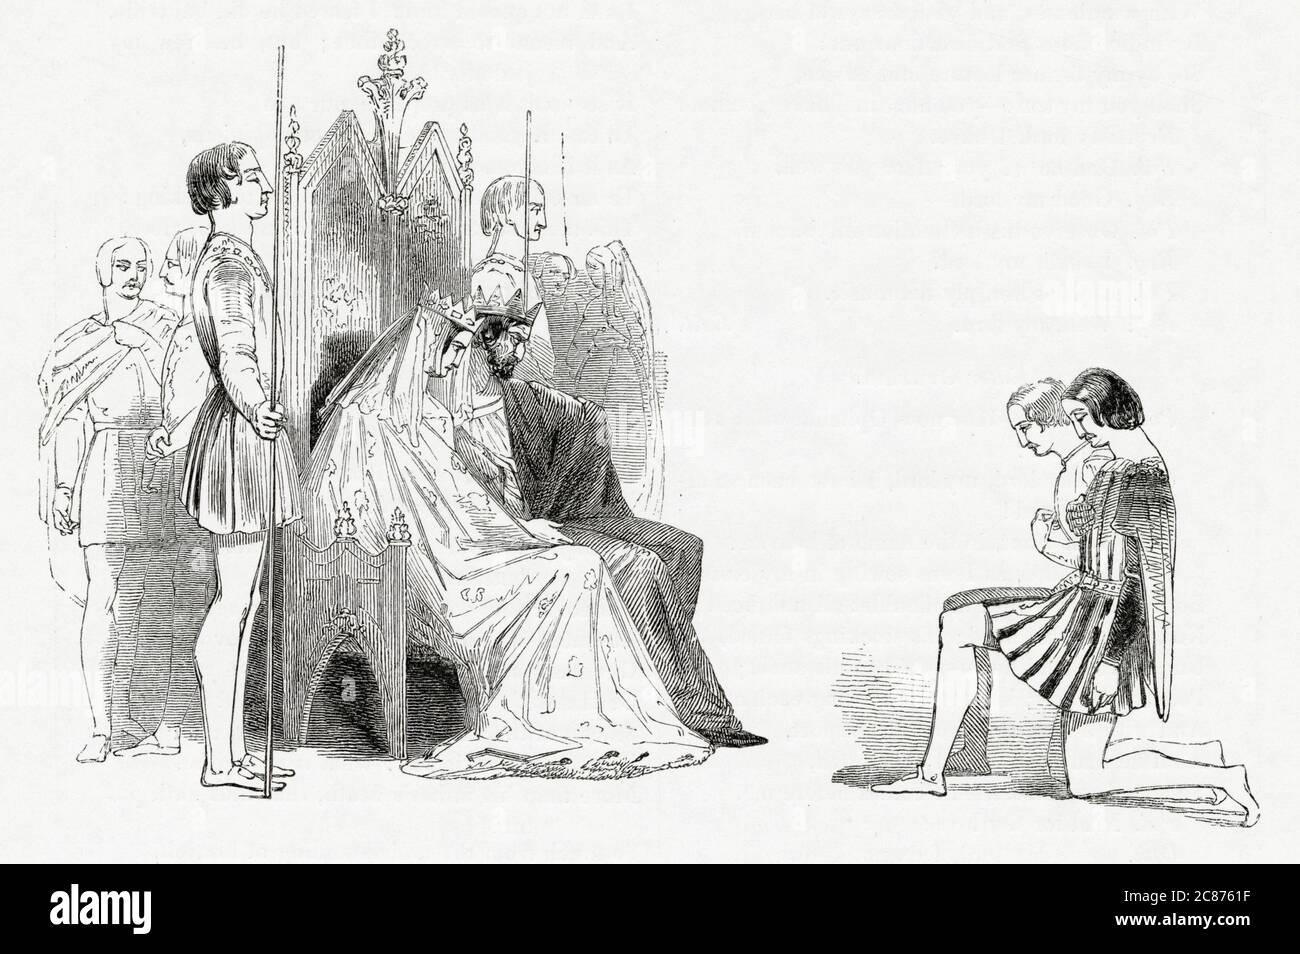 Illustration de Kenny Meadows à Hamlet, Prince du Danemark, par William Shakespeare. Le roi Claudius et la reine Gertrude, assis sur leurs trônes, accueillent les amis de Hamlet Rosentrantz et Guildenstern, et leur demandent de découvrir pourquoi Hamlet se comporte si bizarrement. Date: 1840 Banque D'Images